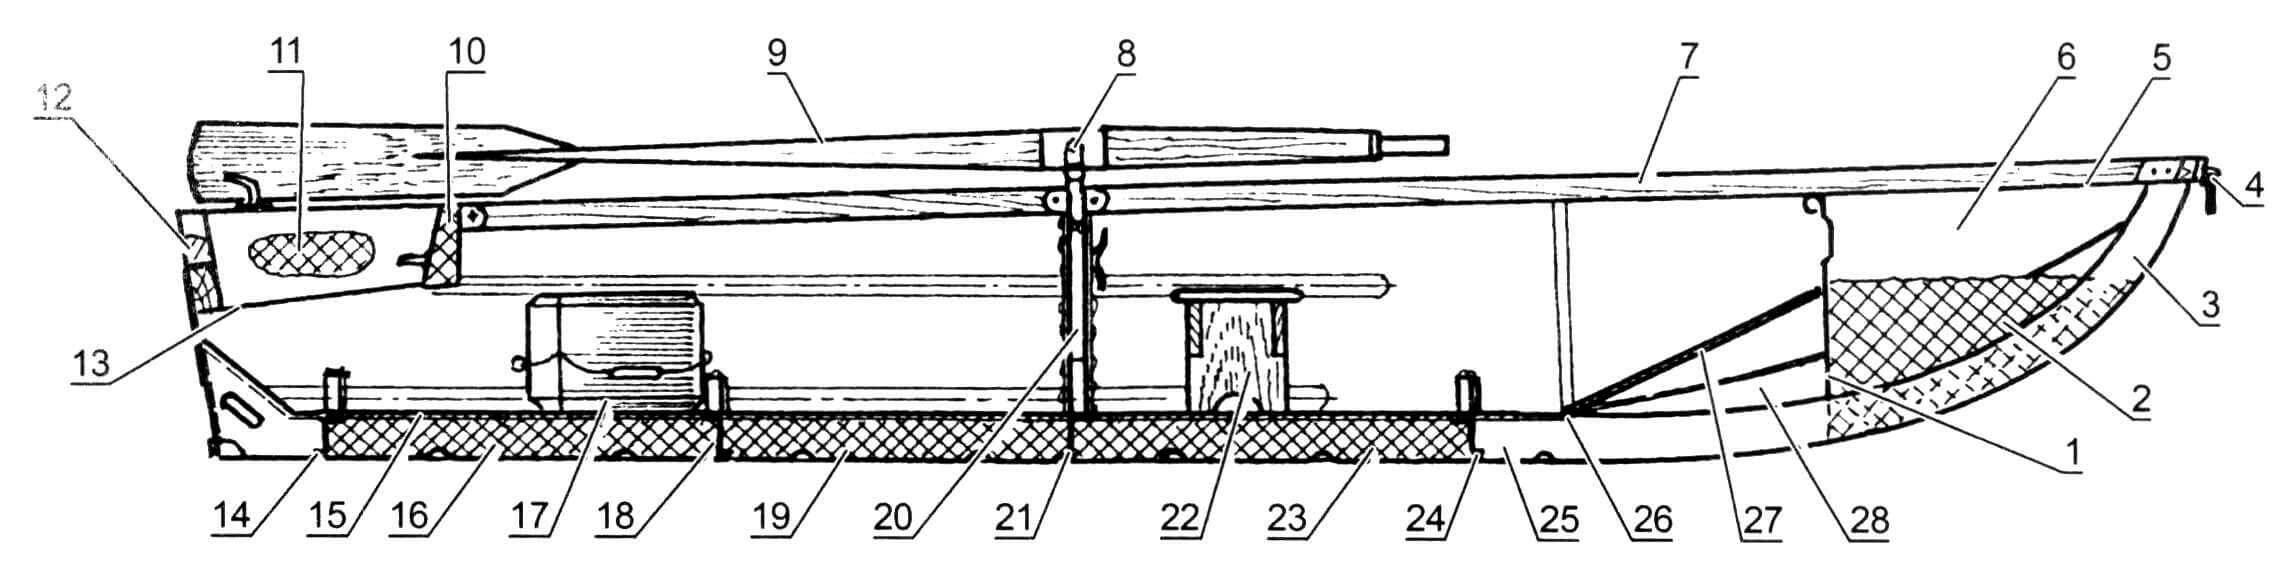 Компоновка моторной лодки: 1- носовая переборка; 2 - носовой блок плавучести; 3 - форштевень; 4 - буксировочное устройство; 5 - носовая палуба; 6 - носовой багажник; 7 - привальный брус; 8 - уключина; 9 - весло; 10 - срединный блок плавучести; 11 - кормовой блок плавучести; 12 - транцевый блок плавучести; 13 - дно подмоторной ниши ахтерпика; 14, 18, 21, 24 - флоргимберсы; 15 - пайол; 16, 19, 23 - днищевые блоки плавучести; 17 - переставная банка; 20-топтимберс с гнездом уключины и якорно-швартовочной уткой; 22 - съемная банка; 25 - киль; 26-шарнир (рояльная петля); 27- крышка днищевого багажника; 28 - днищевой багажник